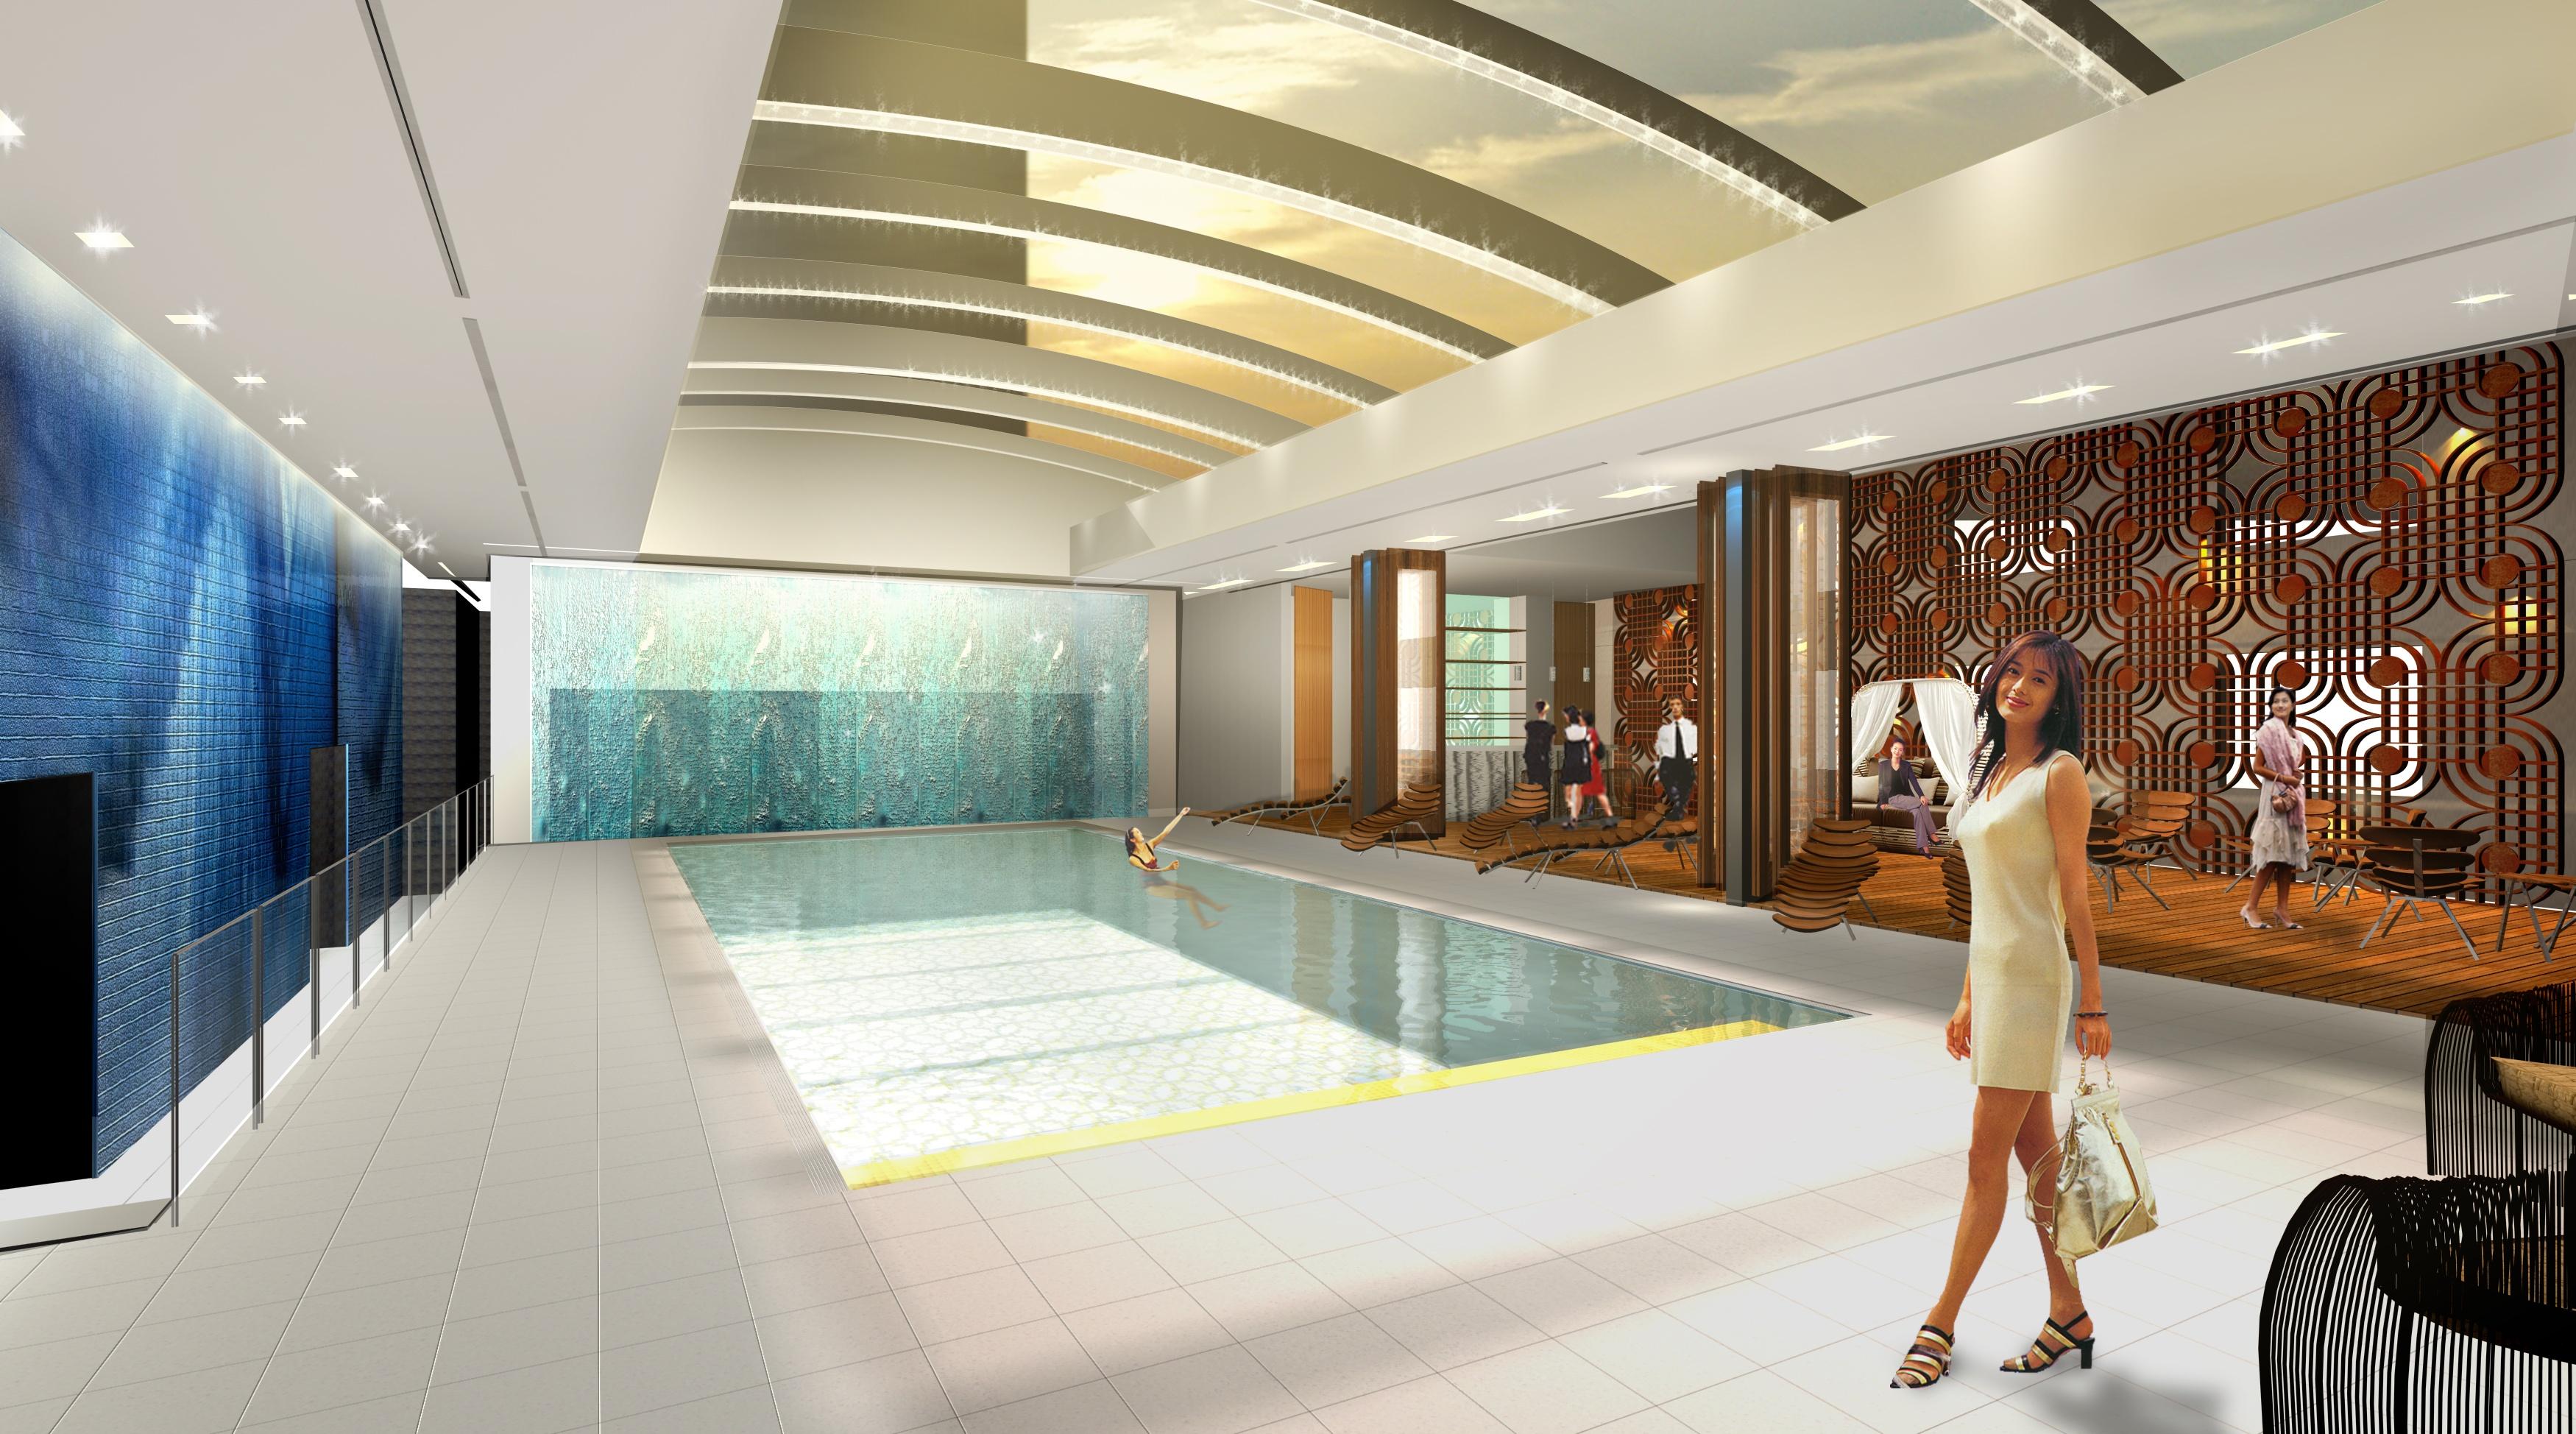 Radisson Hotel Shanghai - pool